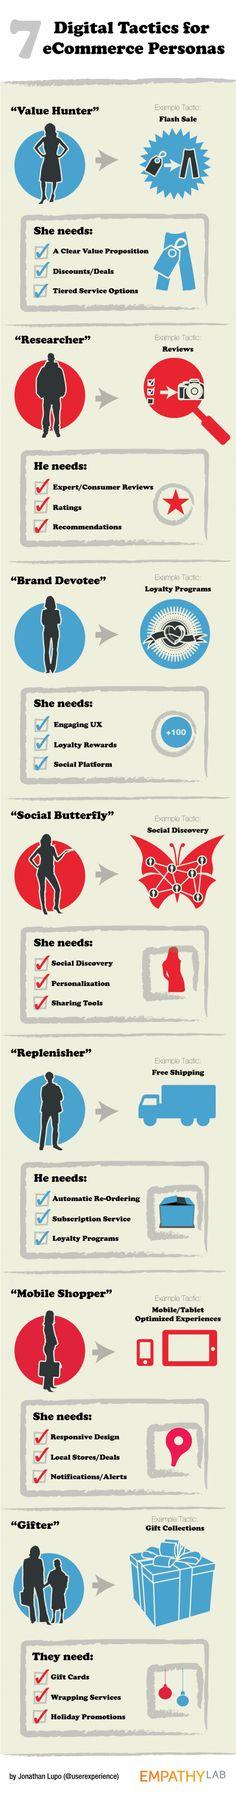 7 Digital Tactics for #eCommerce Personas